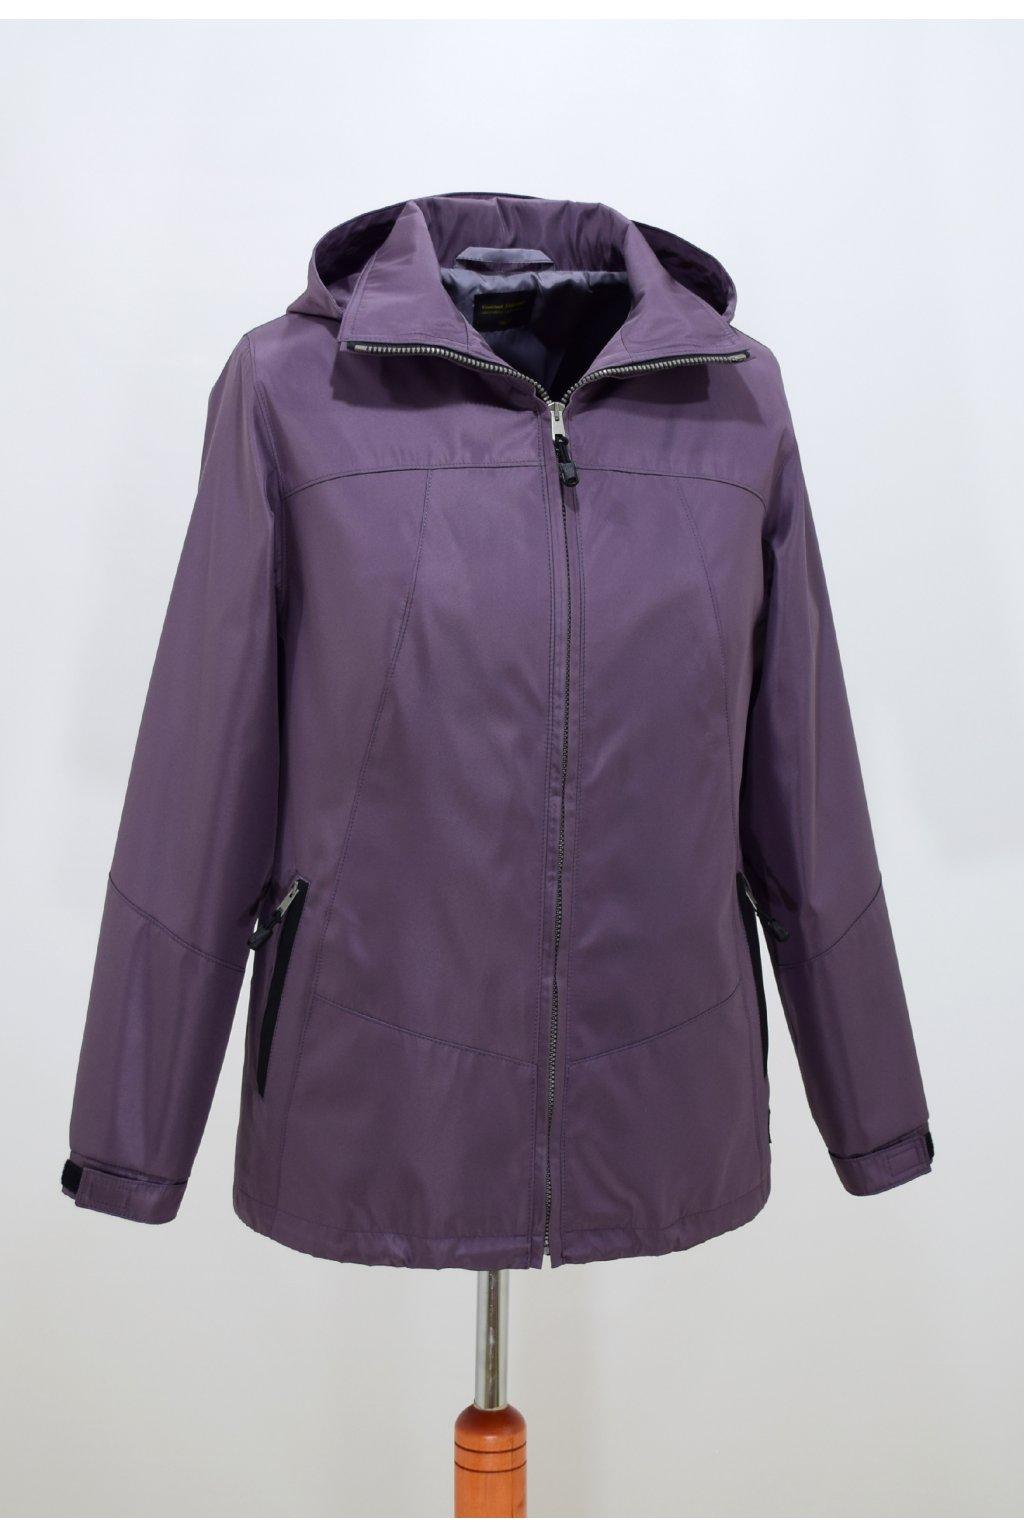 Dámská jarní bunda v barvě lila Angela nadměrné velikosti.